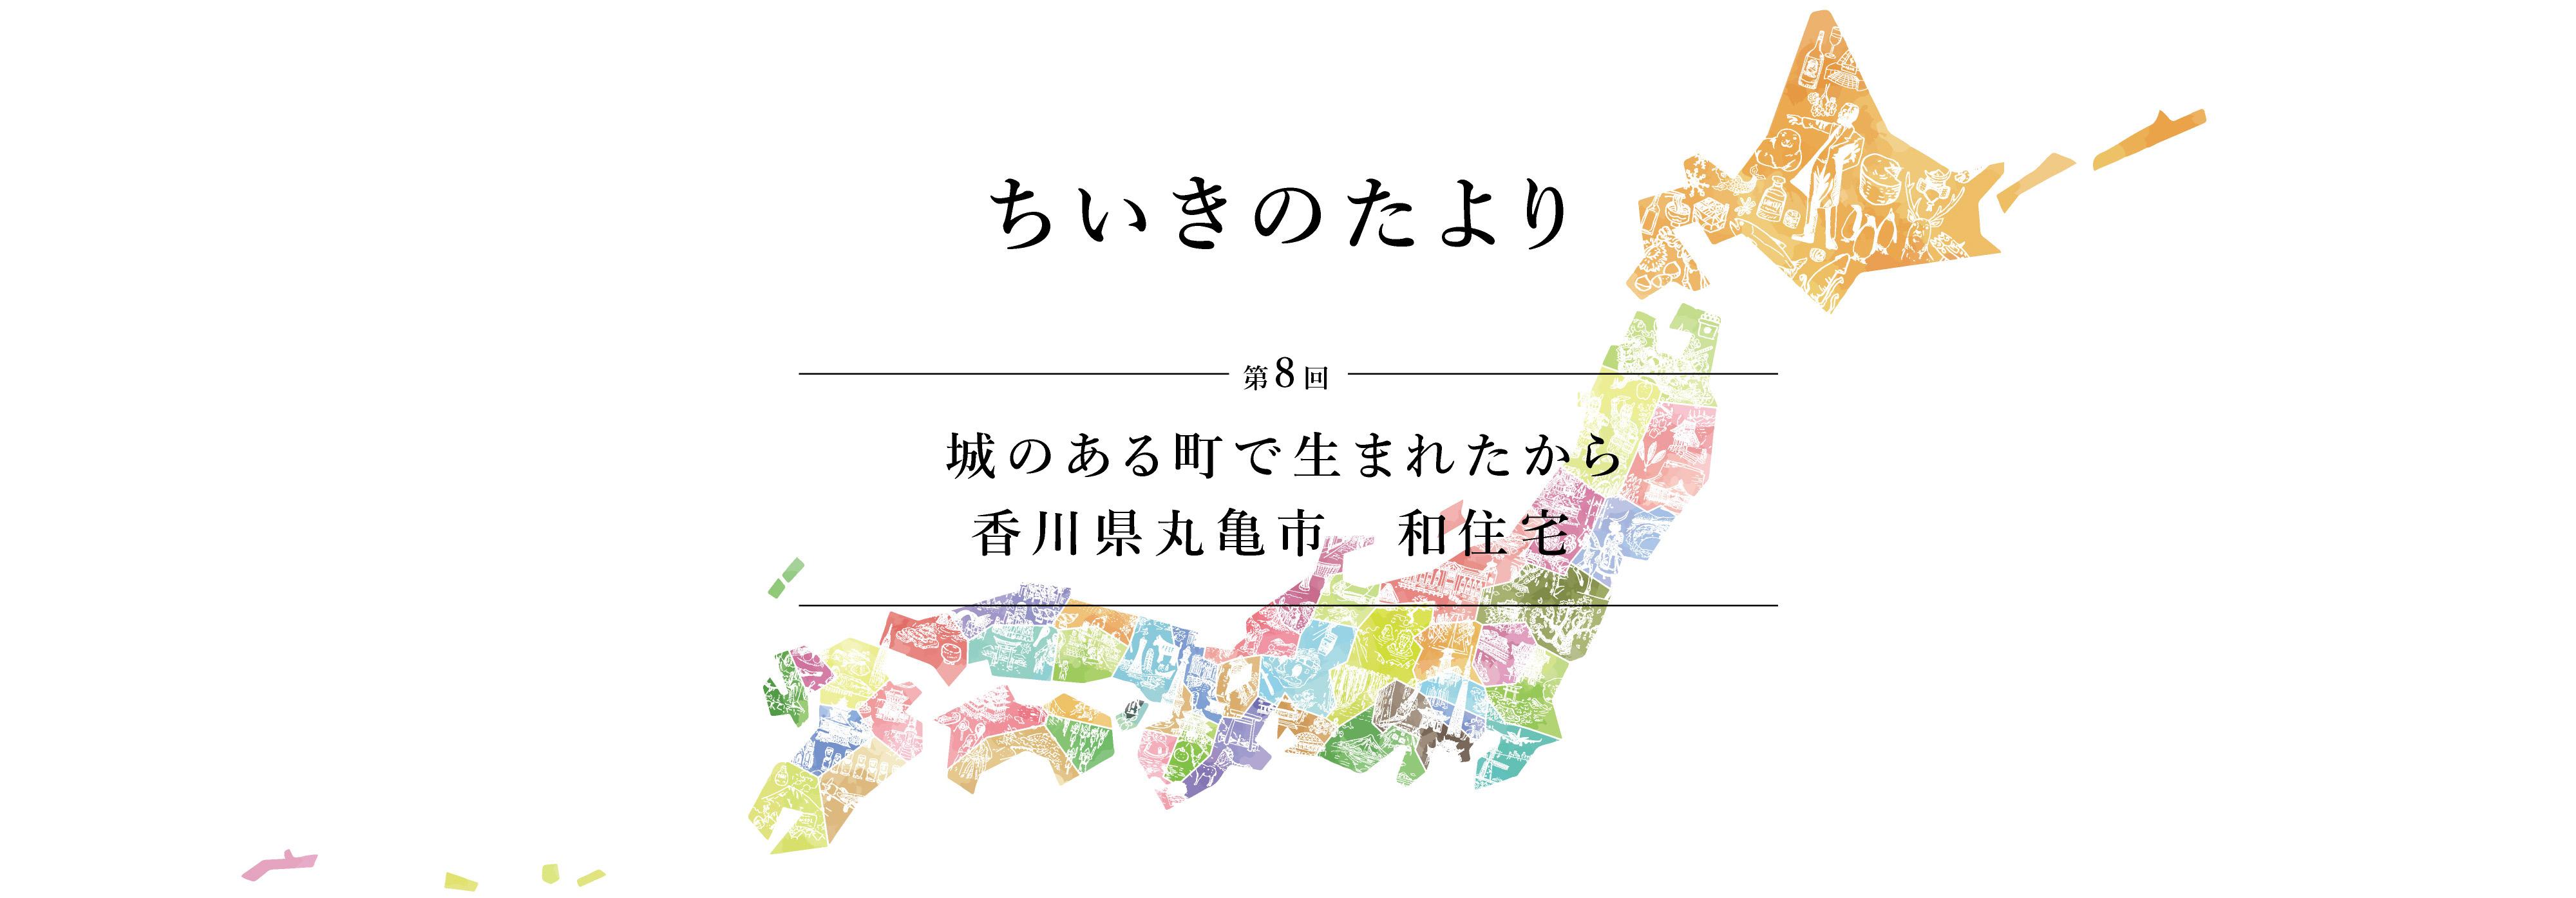 城のある町で生まれたからちいきのたより香川県丸亀市 和住宅